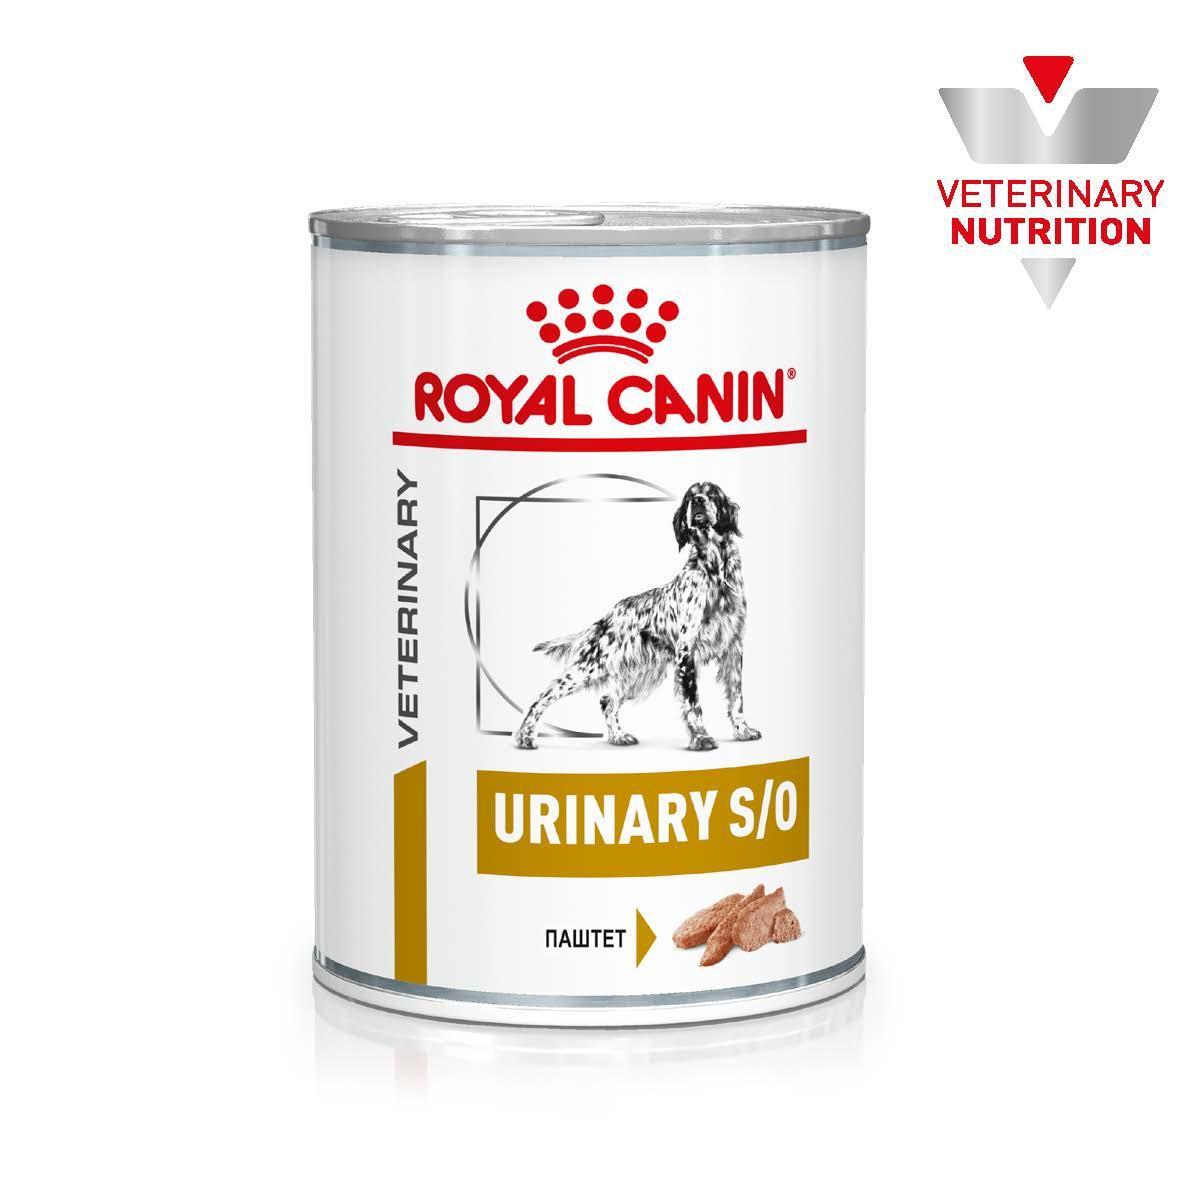 Влажный лечебный корм Royal Canin Urinary для собак, 0,41КГ